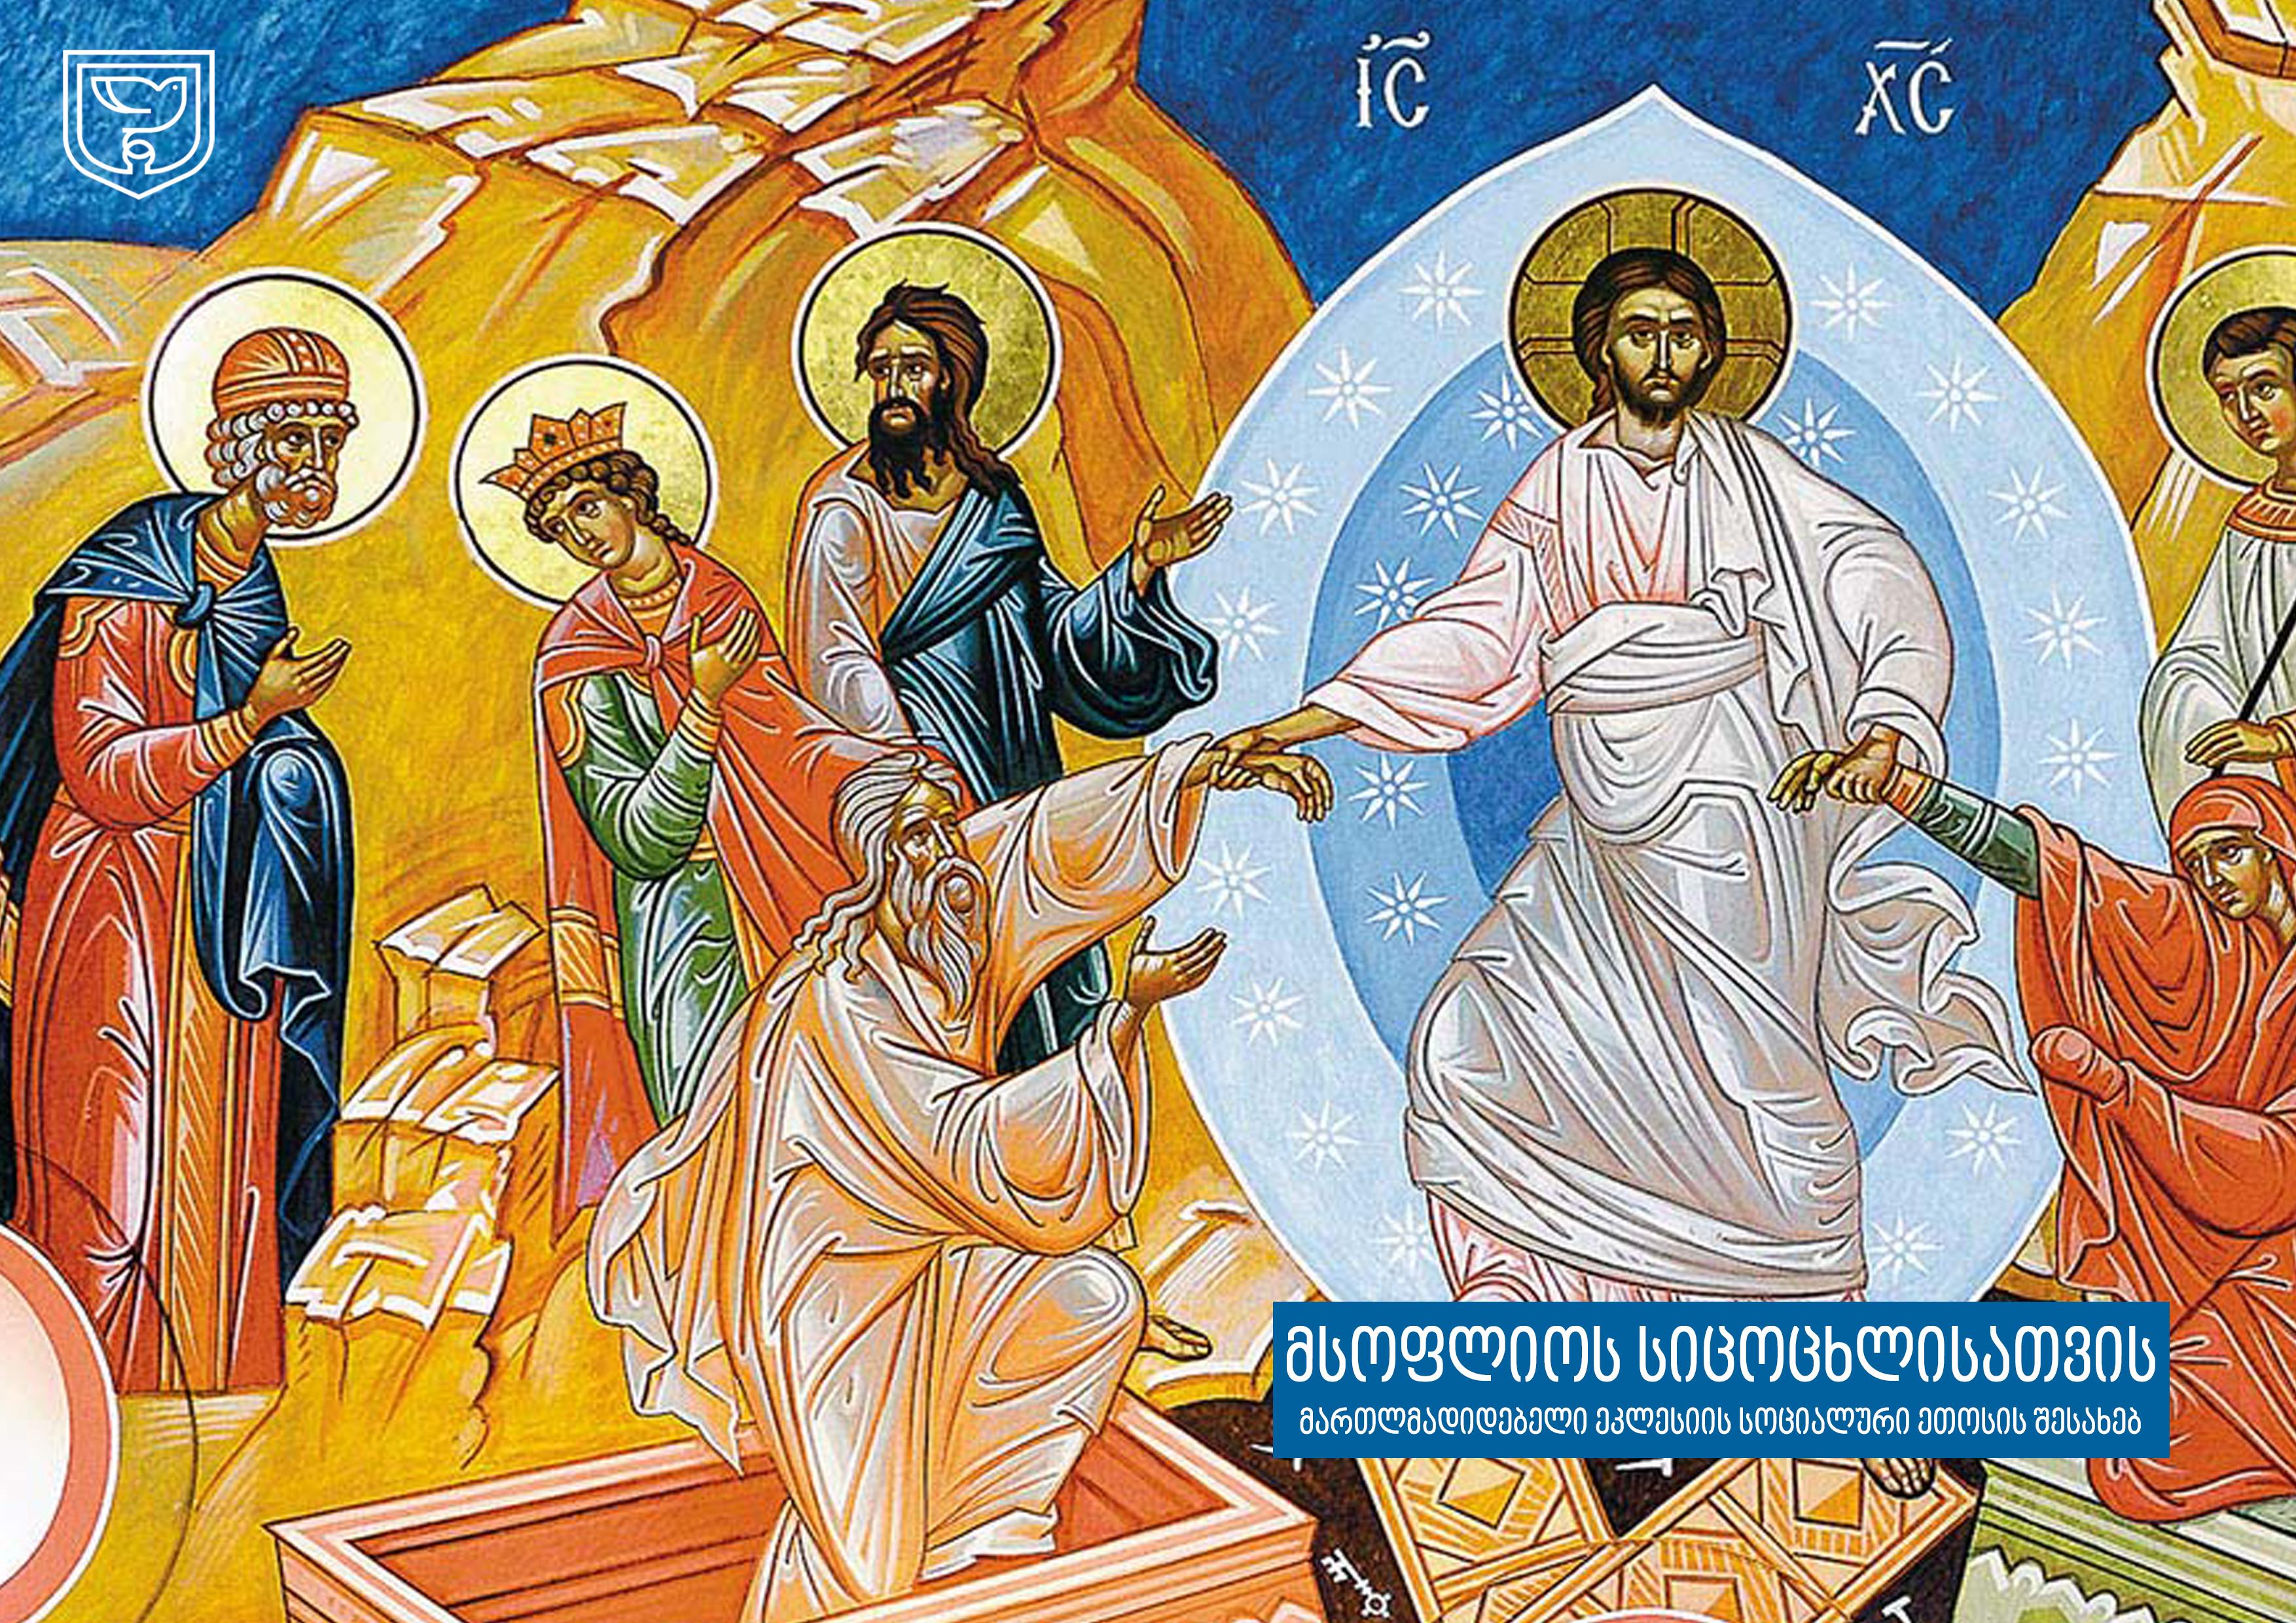 მსოფლიოს სიცოცხლისათვის. მართლმადიდებელი ეკლესიის სოციალური ეთოსის შესახებ.